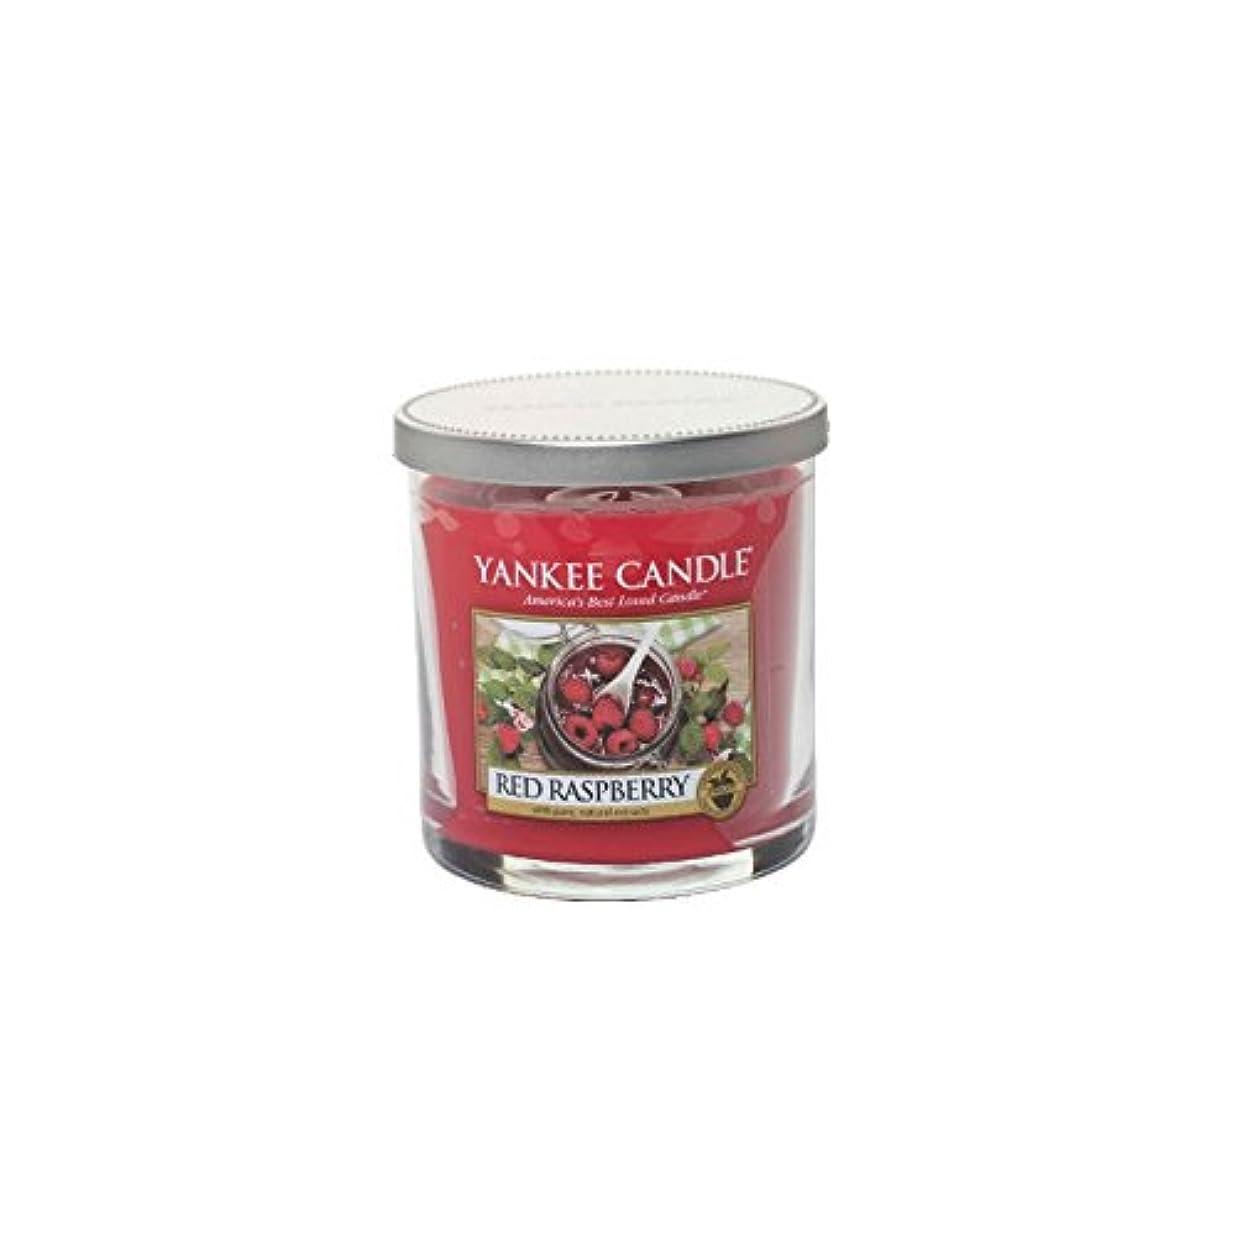 ワードローブアルコーブ調査Yankee Candles Small Pillar Candle - Red Raspberry (Pack of 2) - ヤンキーキャンドルの小さな柱キャンドル - レッドラズベリー (x2) [並行輸入品]